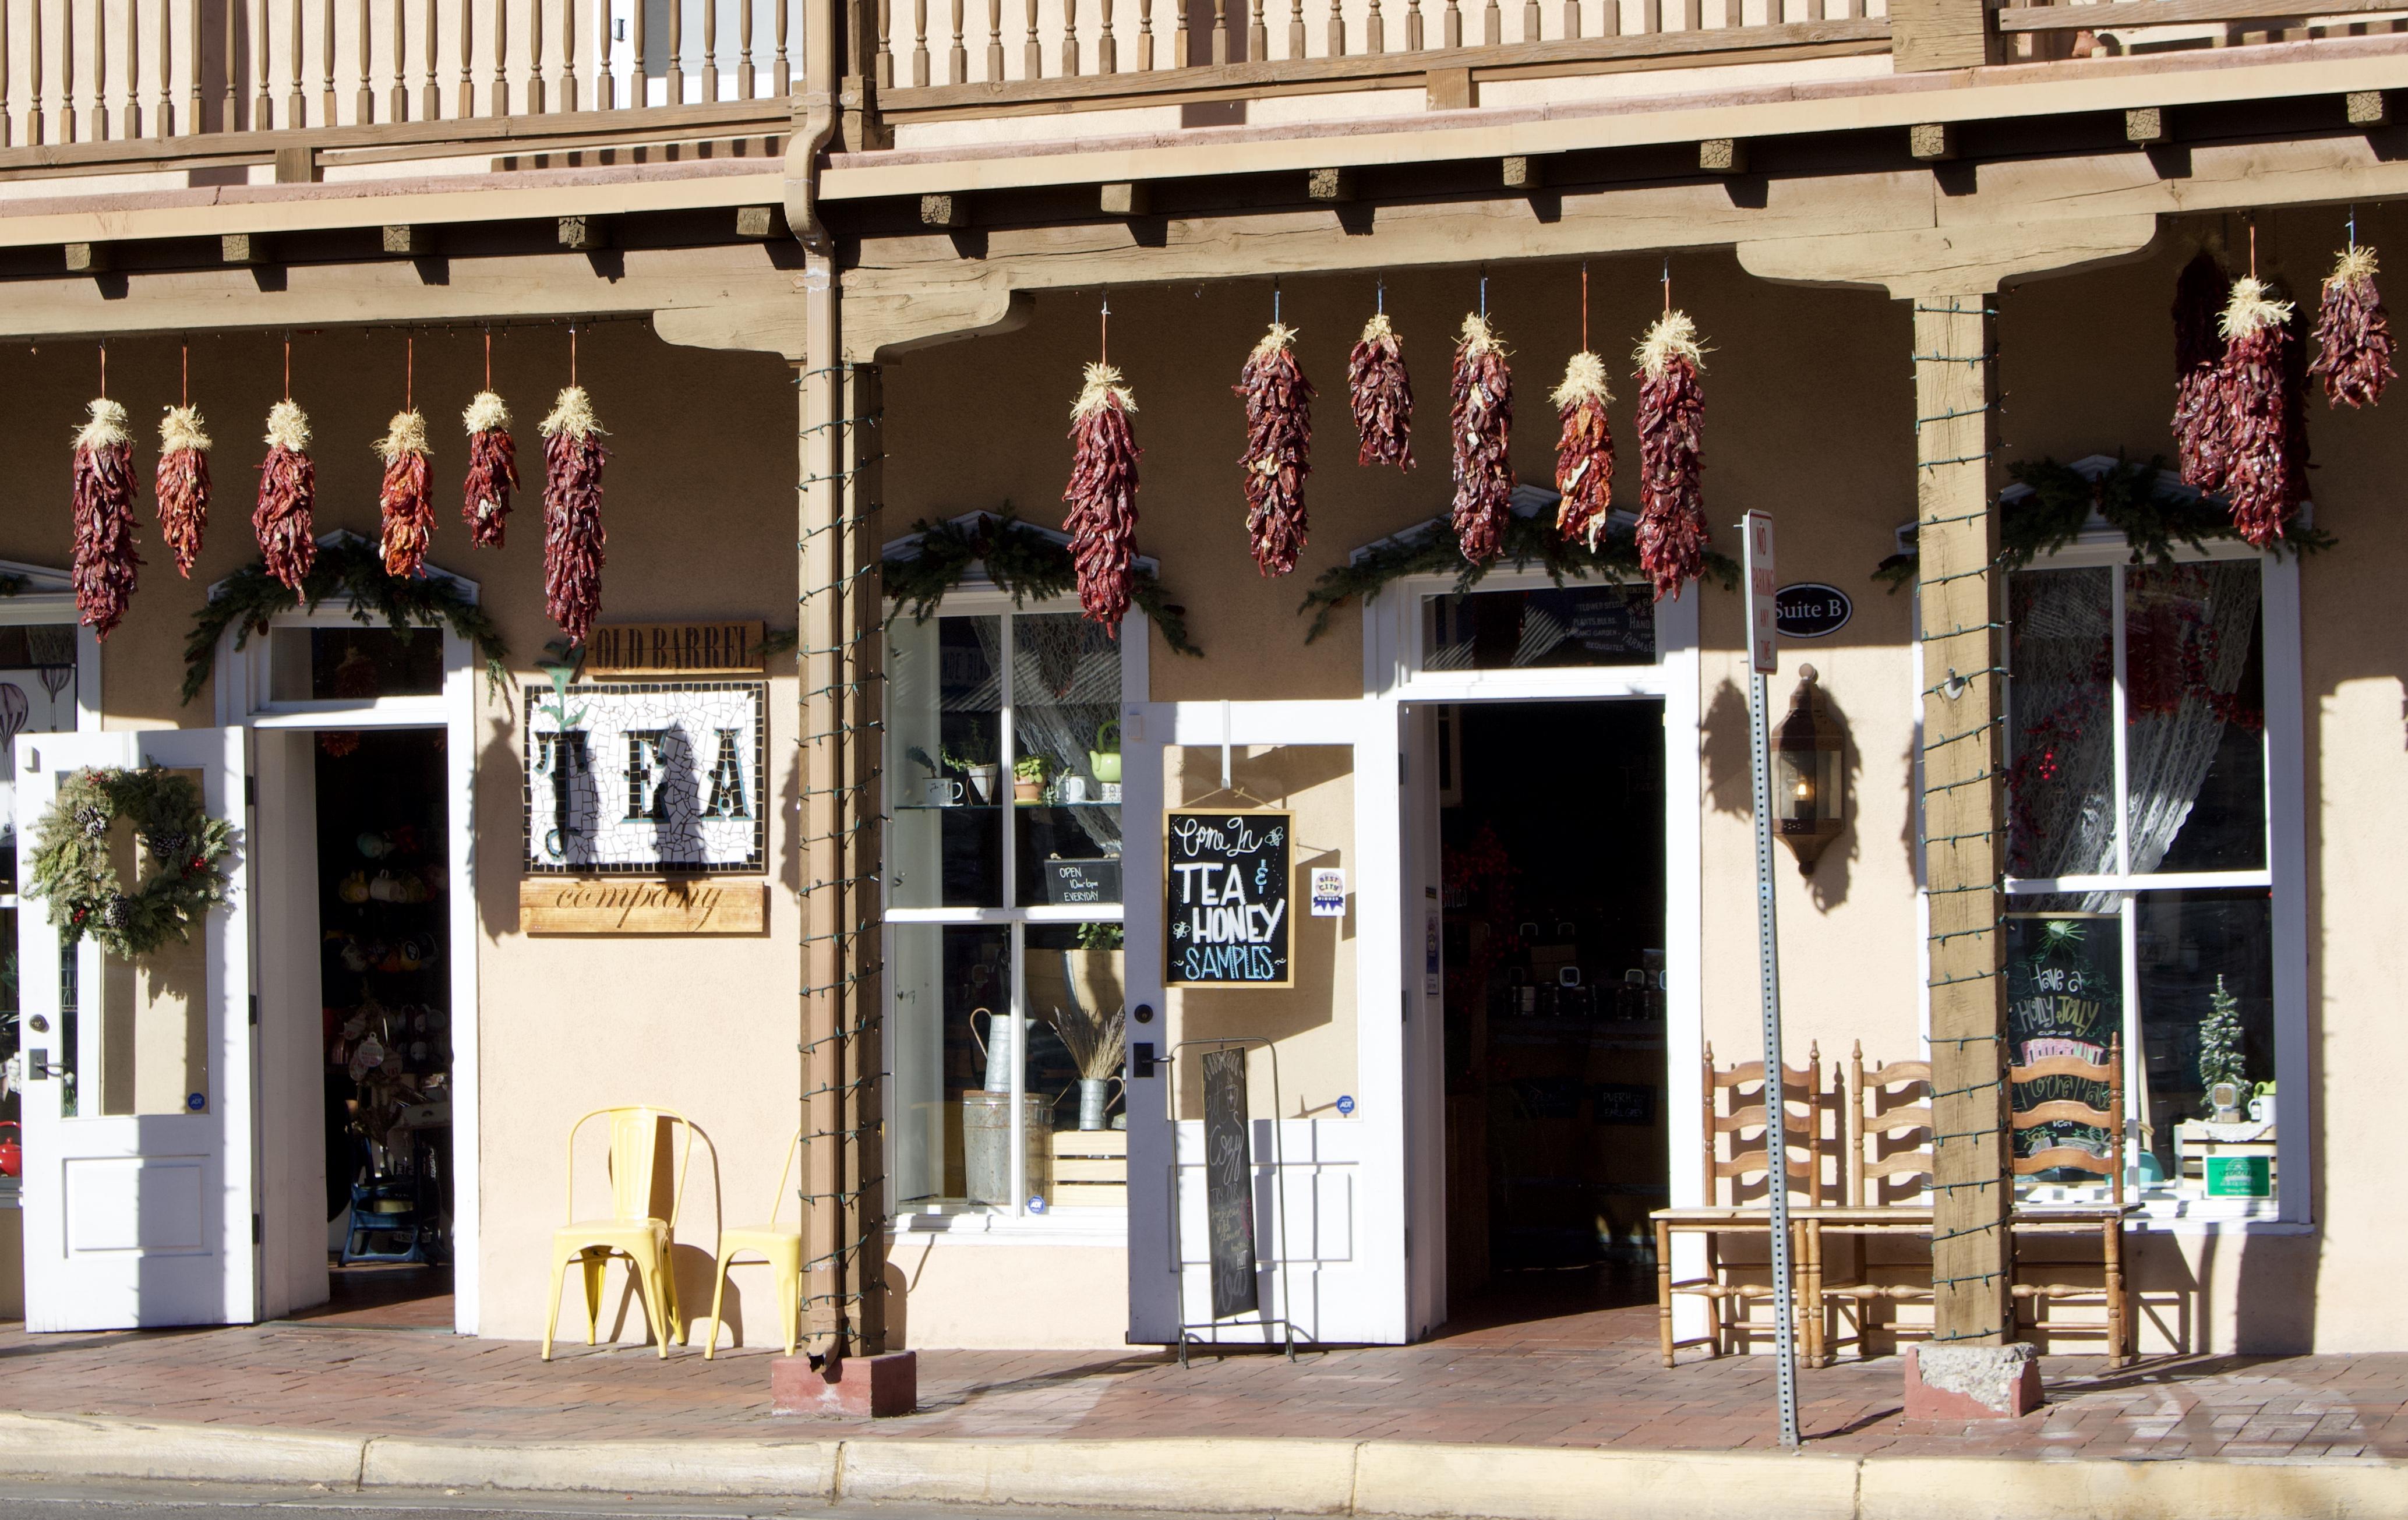 ristras old town albuquerque